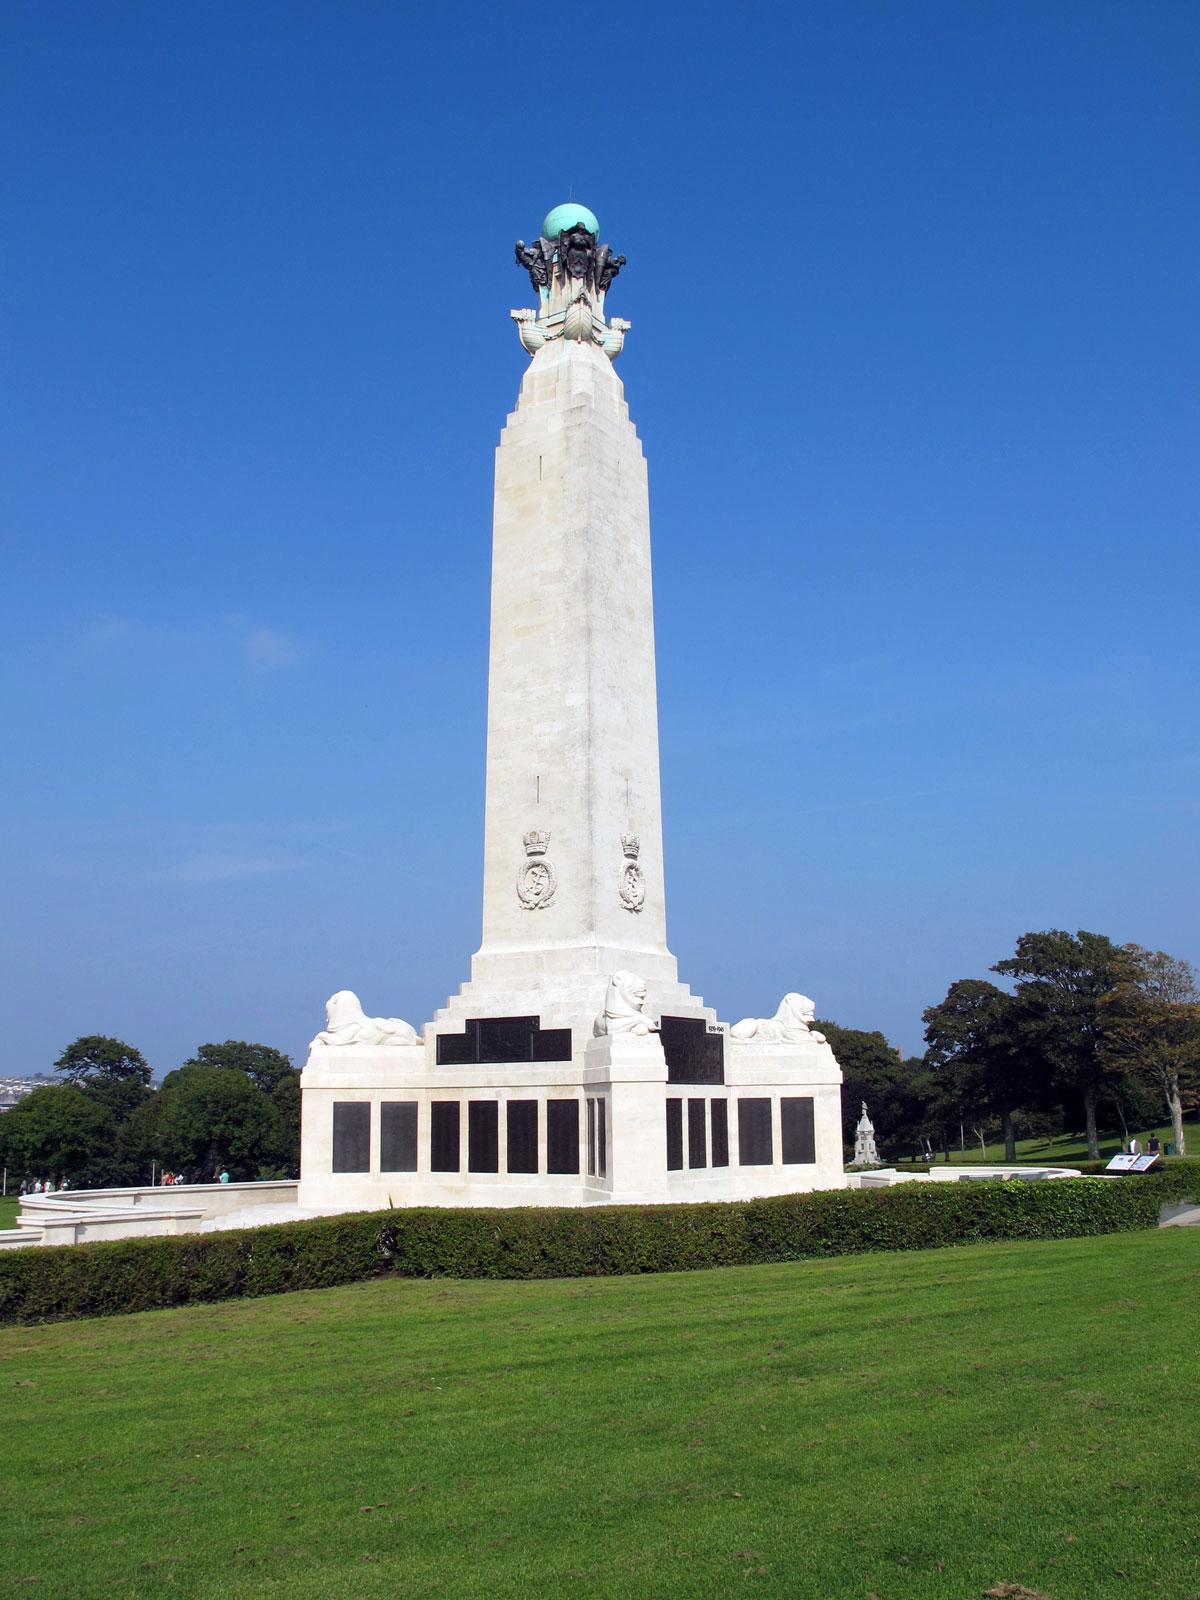 The Naval Memorial